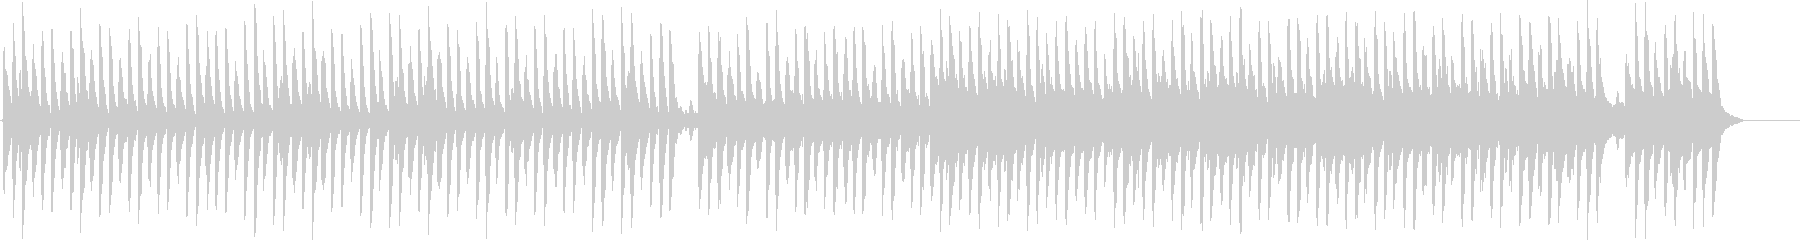 クリスマスソング「サイレントナイト」の未再生の波形